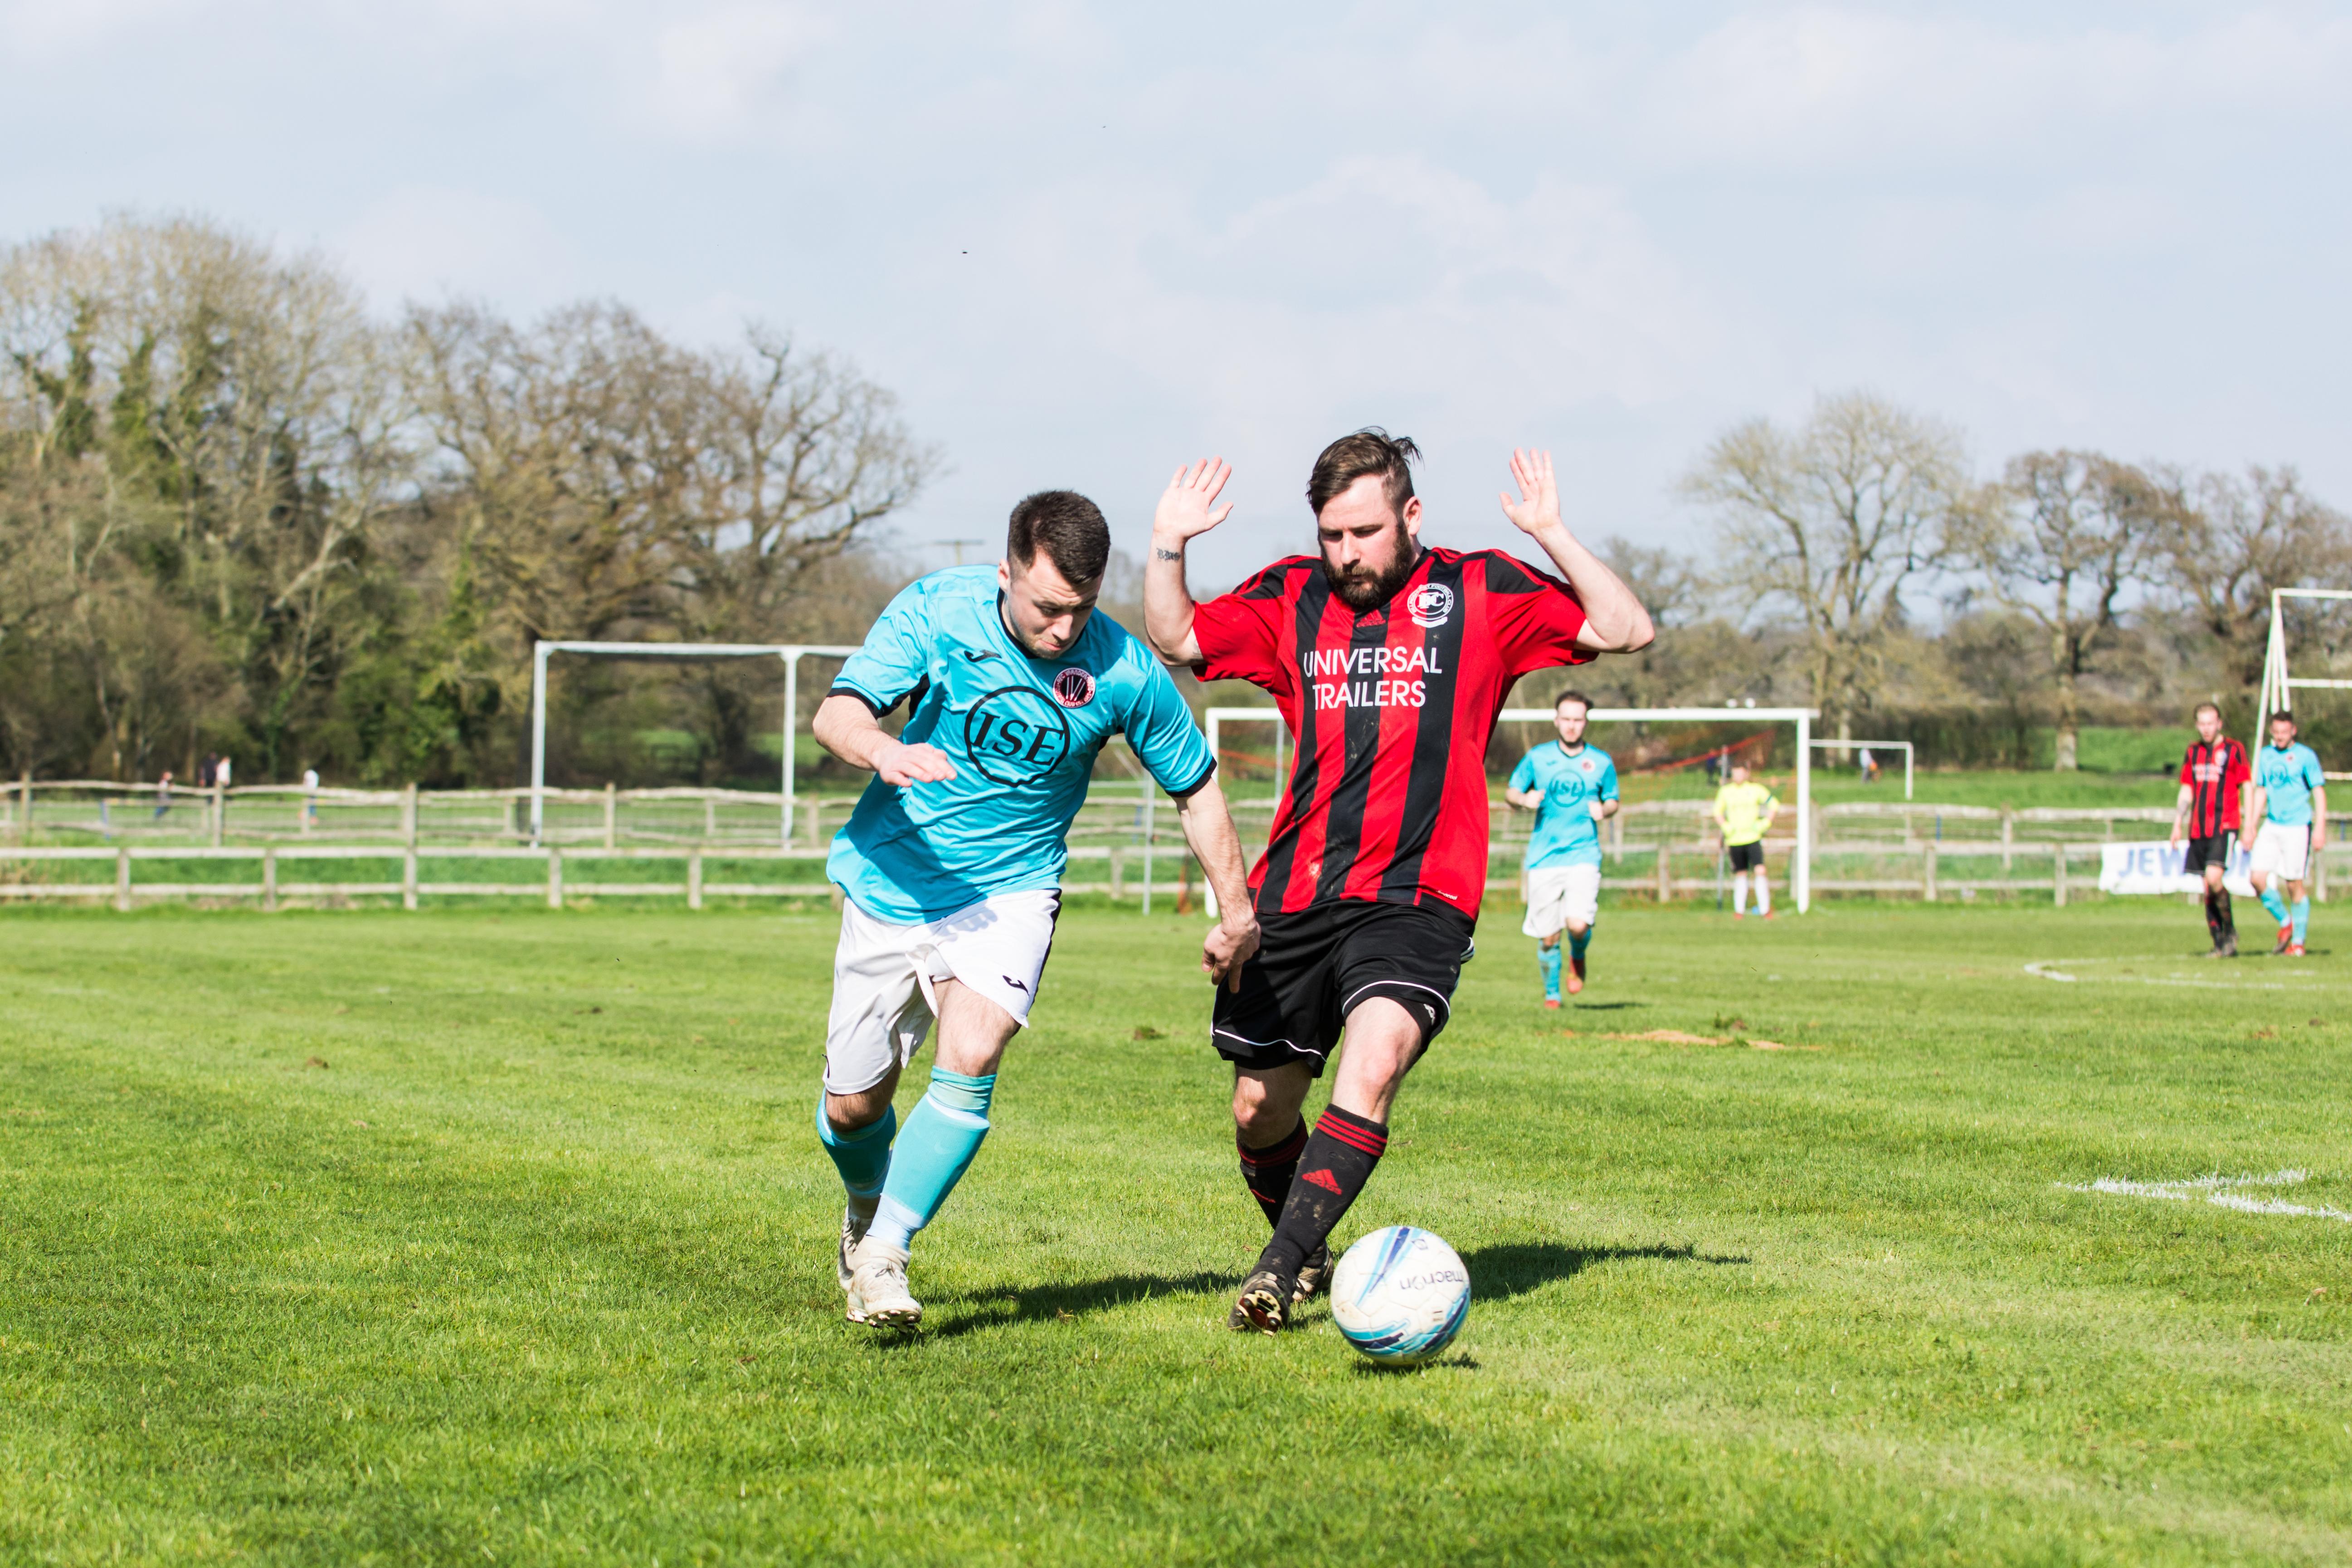 DAVID_JEFFERY Billingshurst FC vs AFC Varndeanians 14.04.18 87